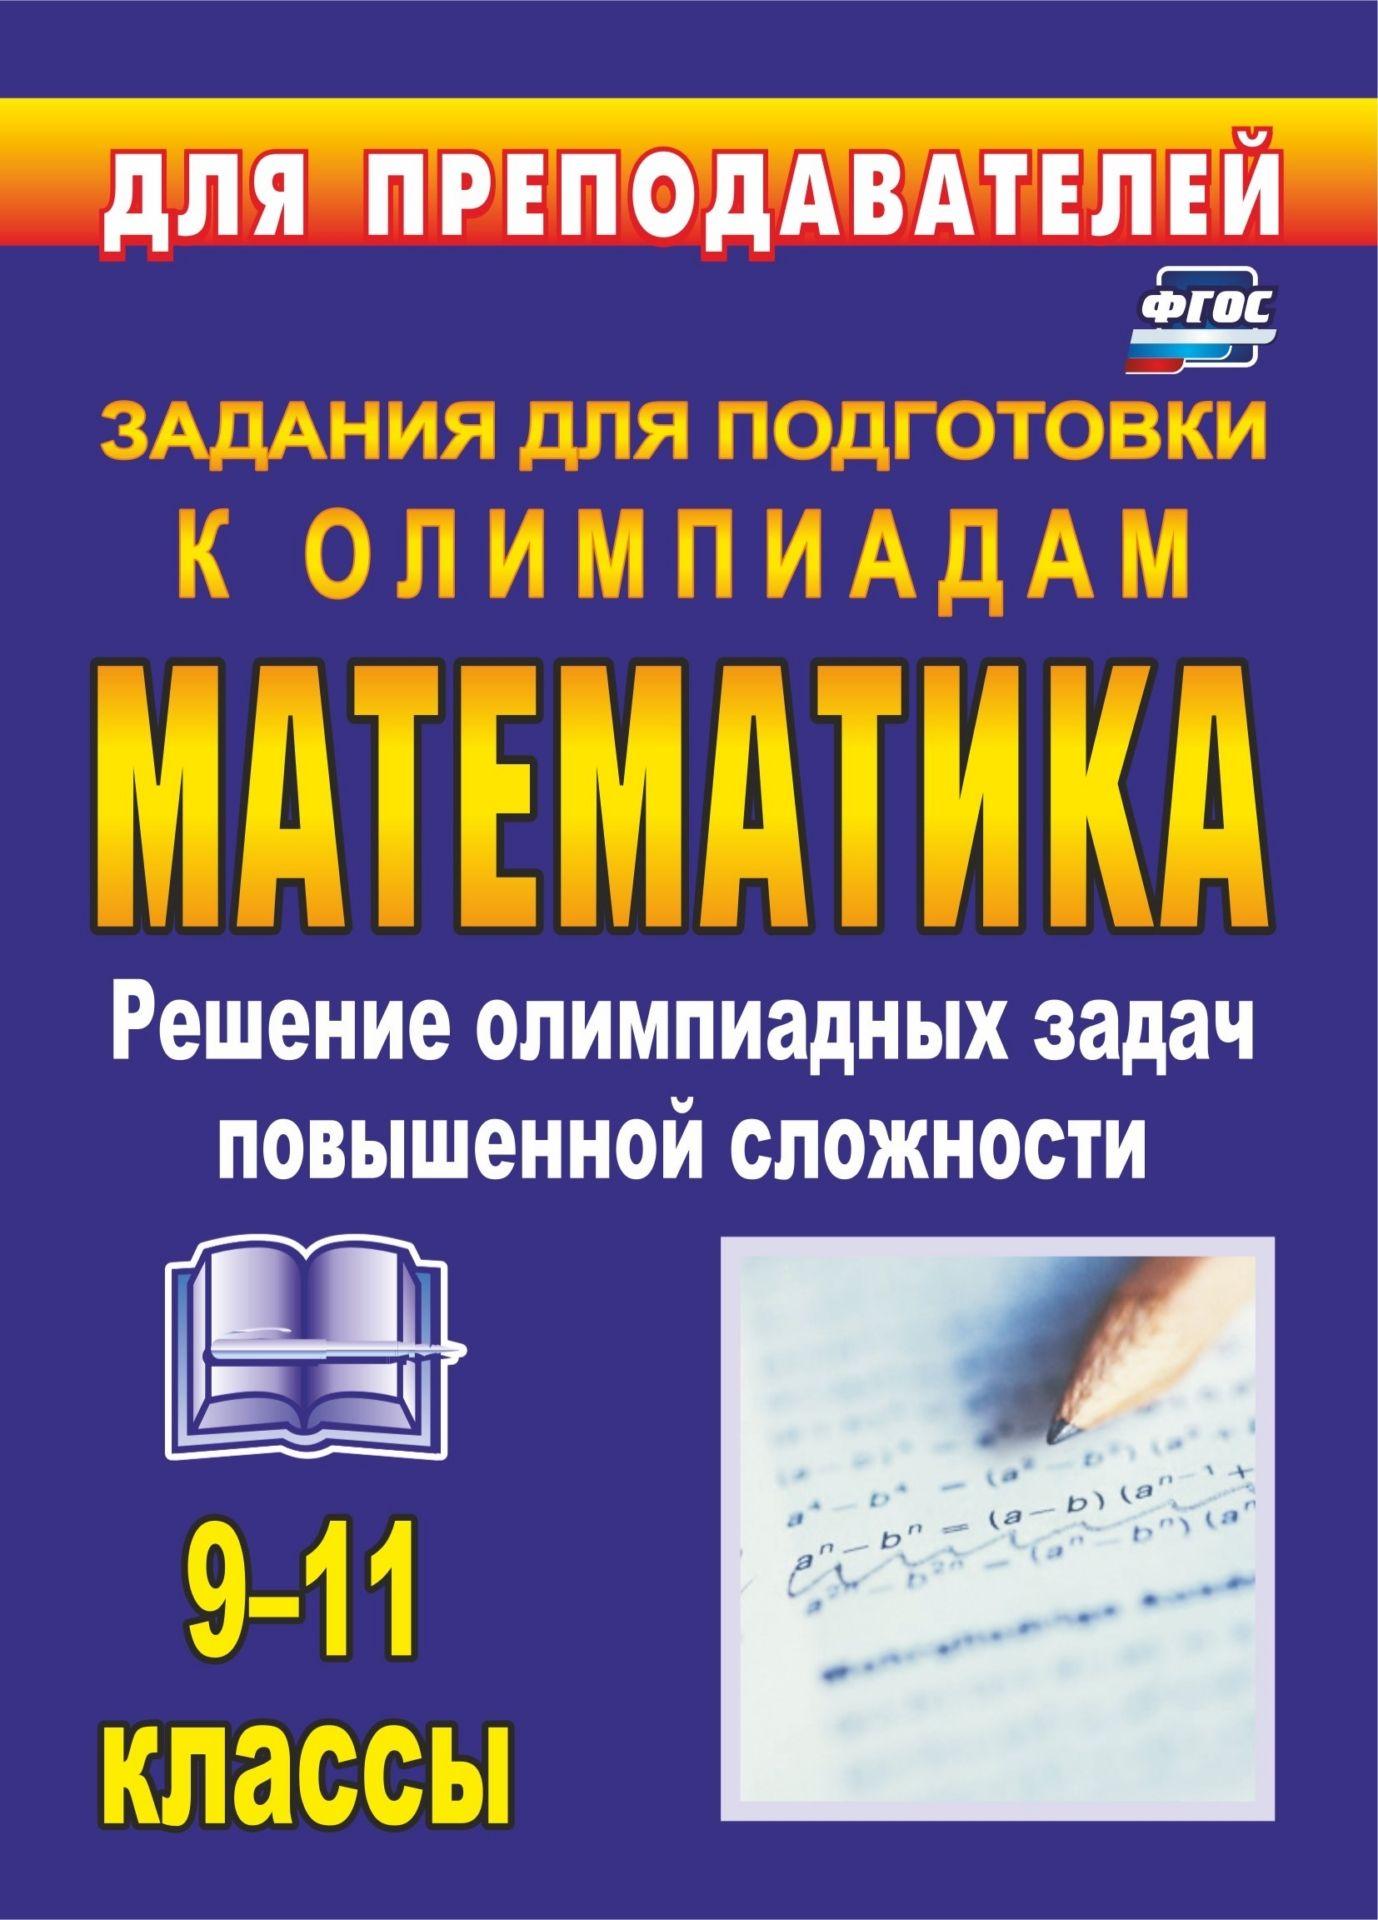 Олимпиадные задания по математике. 9-11 классы: решение олимпиадных задач повышенной сложностиПредметы<br>Особая энергетика математических олимпиад всегда привлекает достаточное количество желающих в них участвовать. Любая квалифицированная помощь в этом направлении очень актуальна. Окончательных универсальных рецептов решения нестандартных заданий не сущес...<br><br>Авторы: Шеховцов В. А.<br>Год: 2017<br>Серия: Для преподавателей<br>ISBN: 978-5-7057-2041-5, 978-5-7057-2872-5, 978-5-7057-3834-2<br>Высота: 195<br>Ширина: 140<br>Толщина: 4<br>Переплёт: мягкая, скрепка